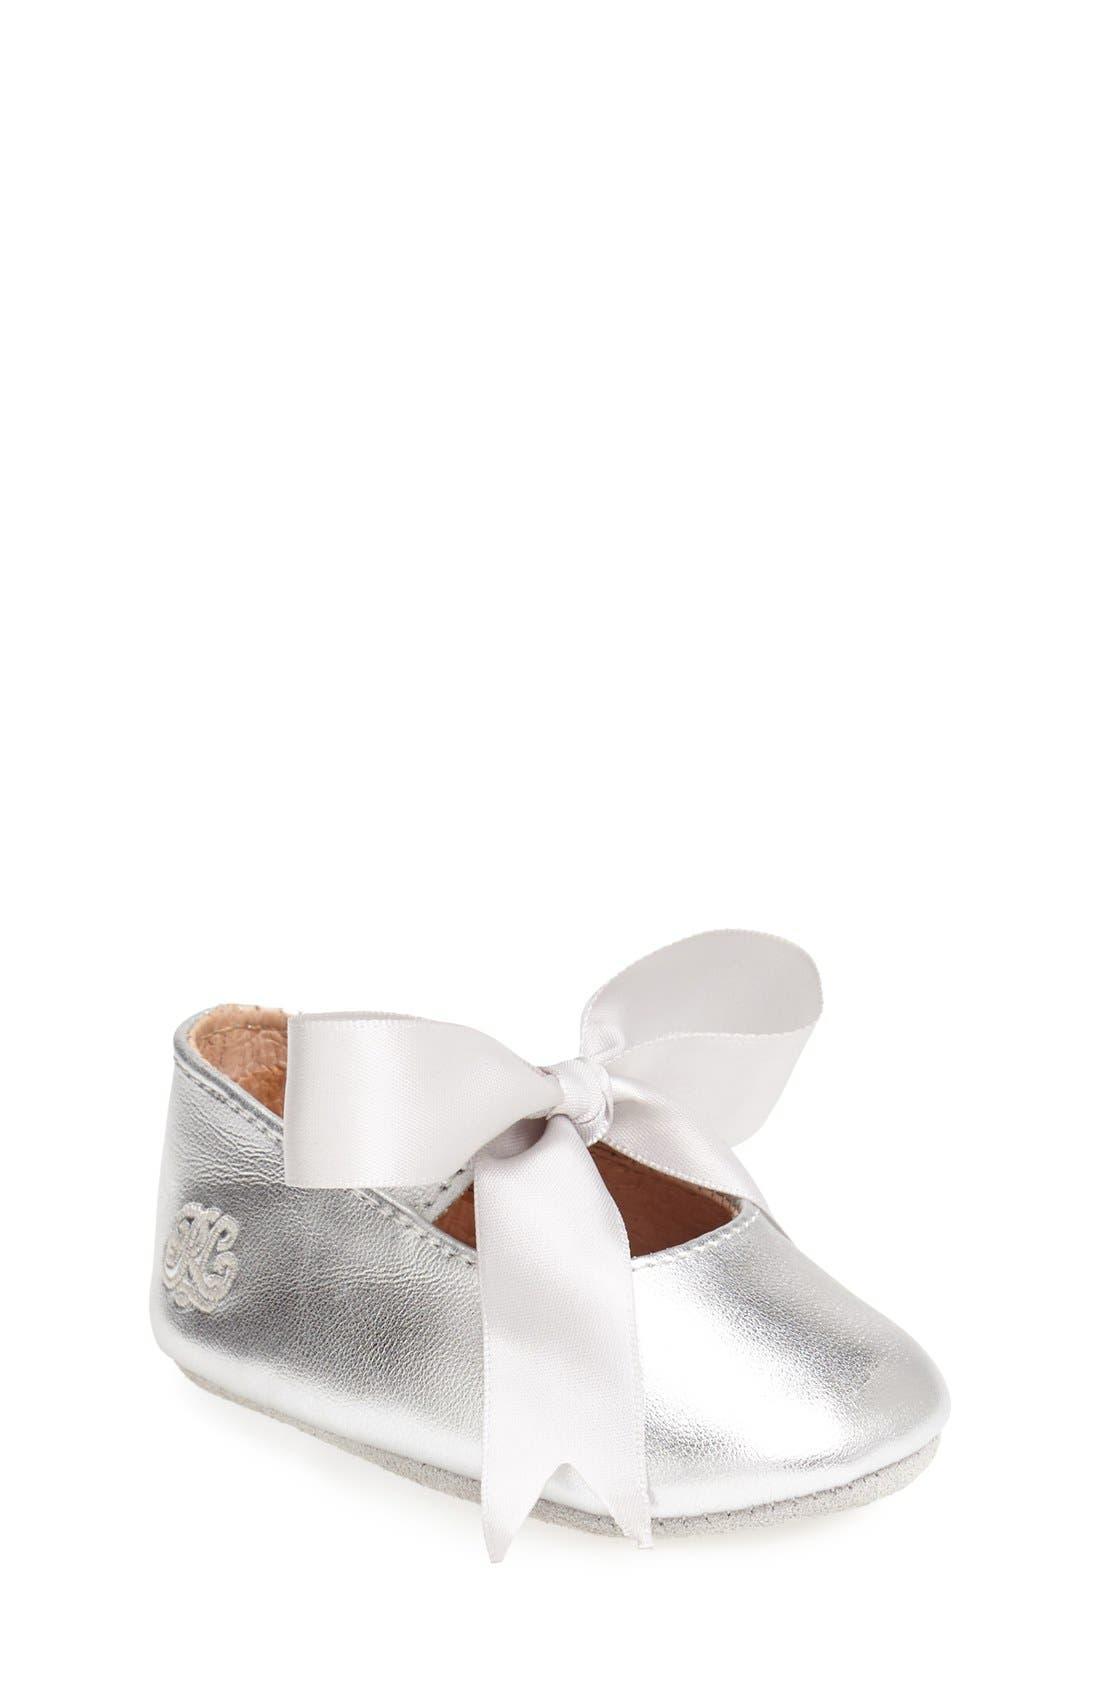 Layette 'Briley' Shoe,                             Main thumbnail 1, color,                             040